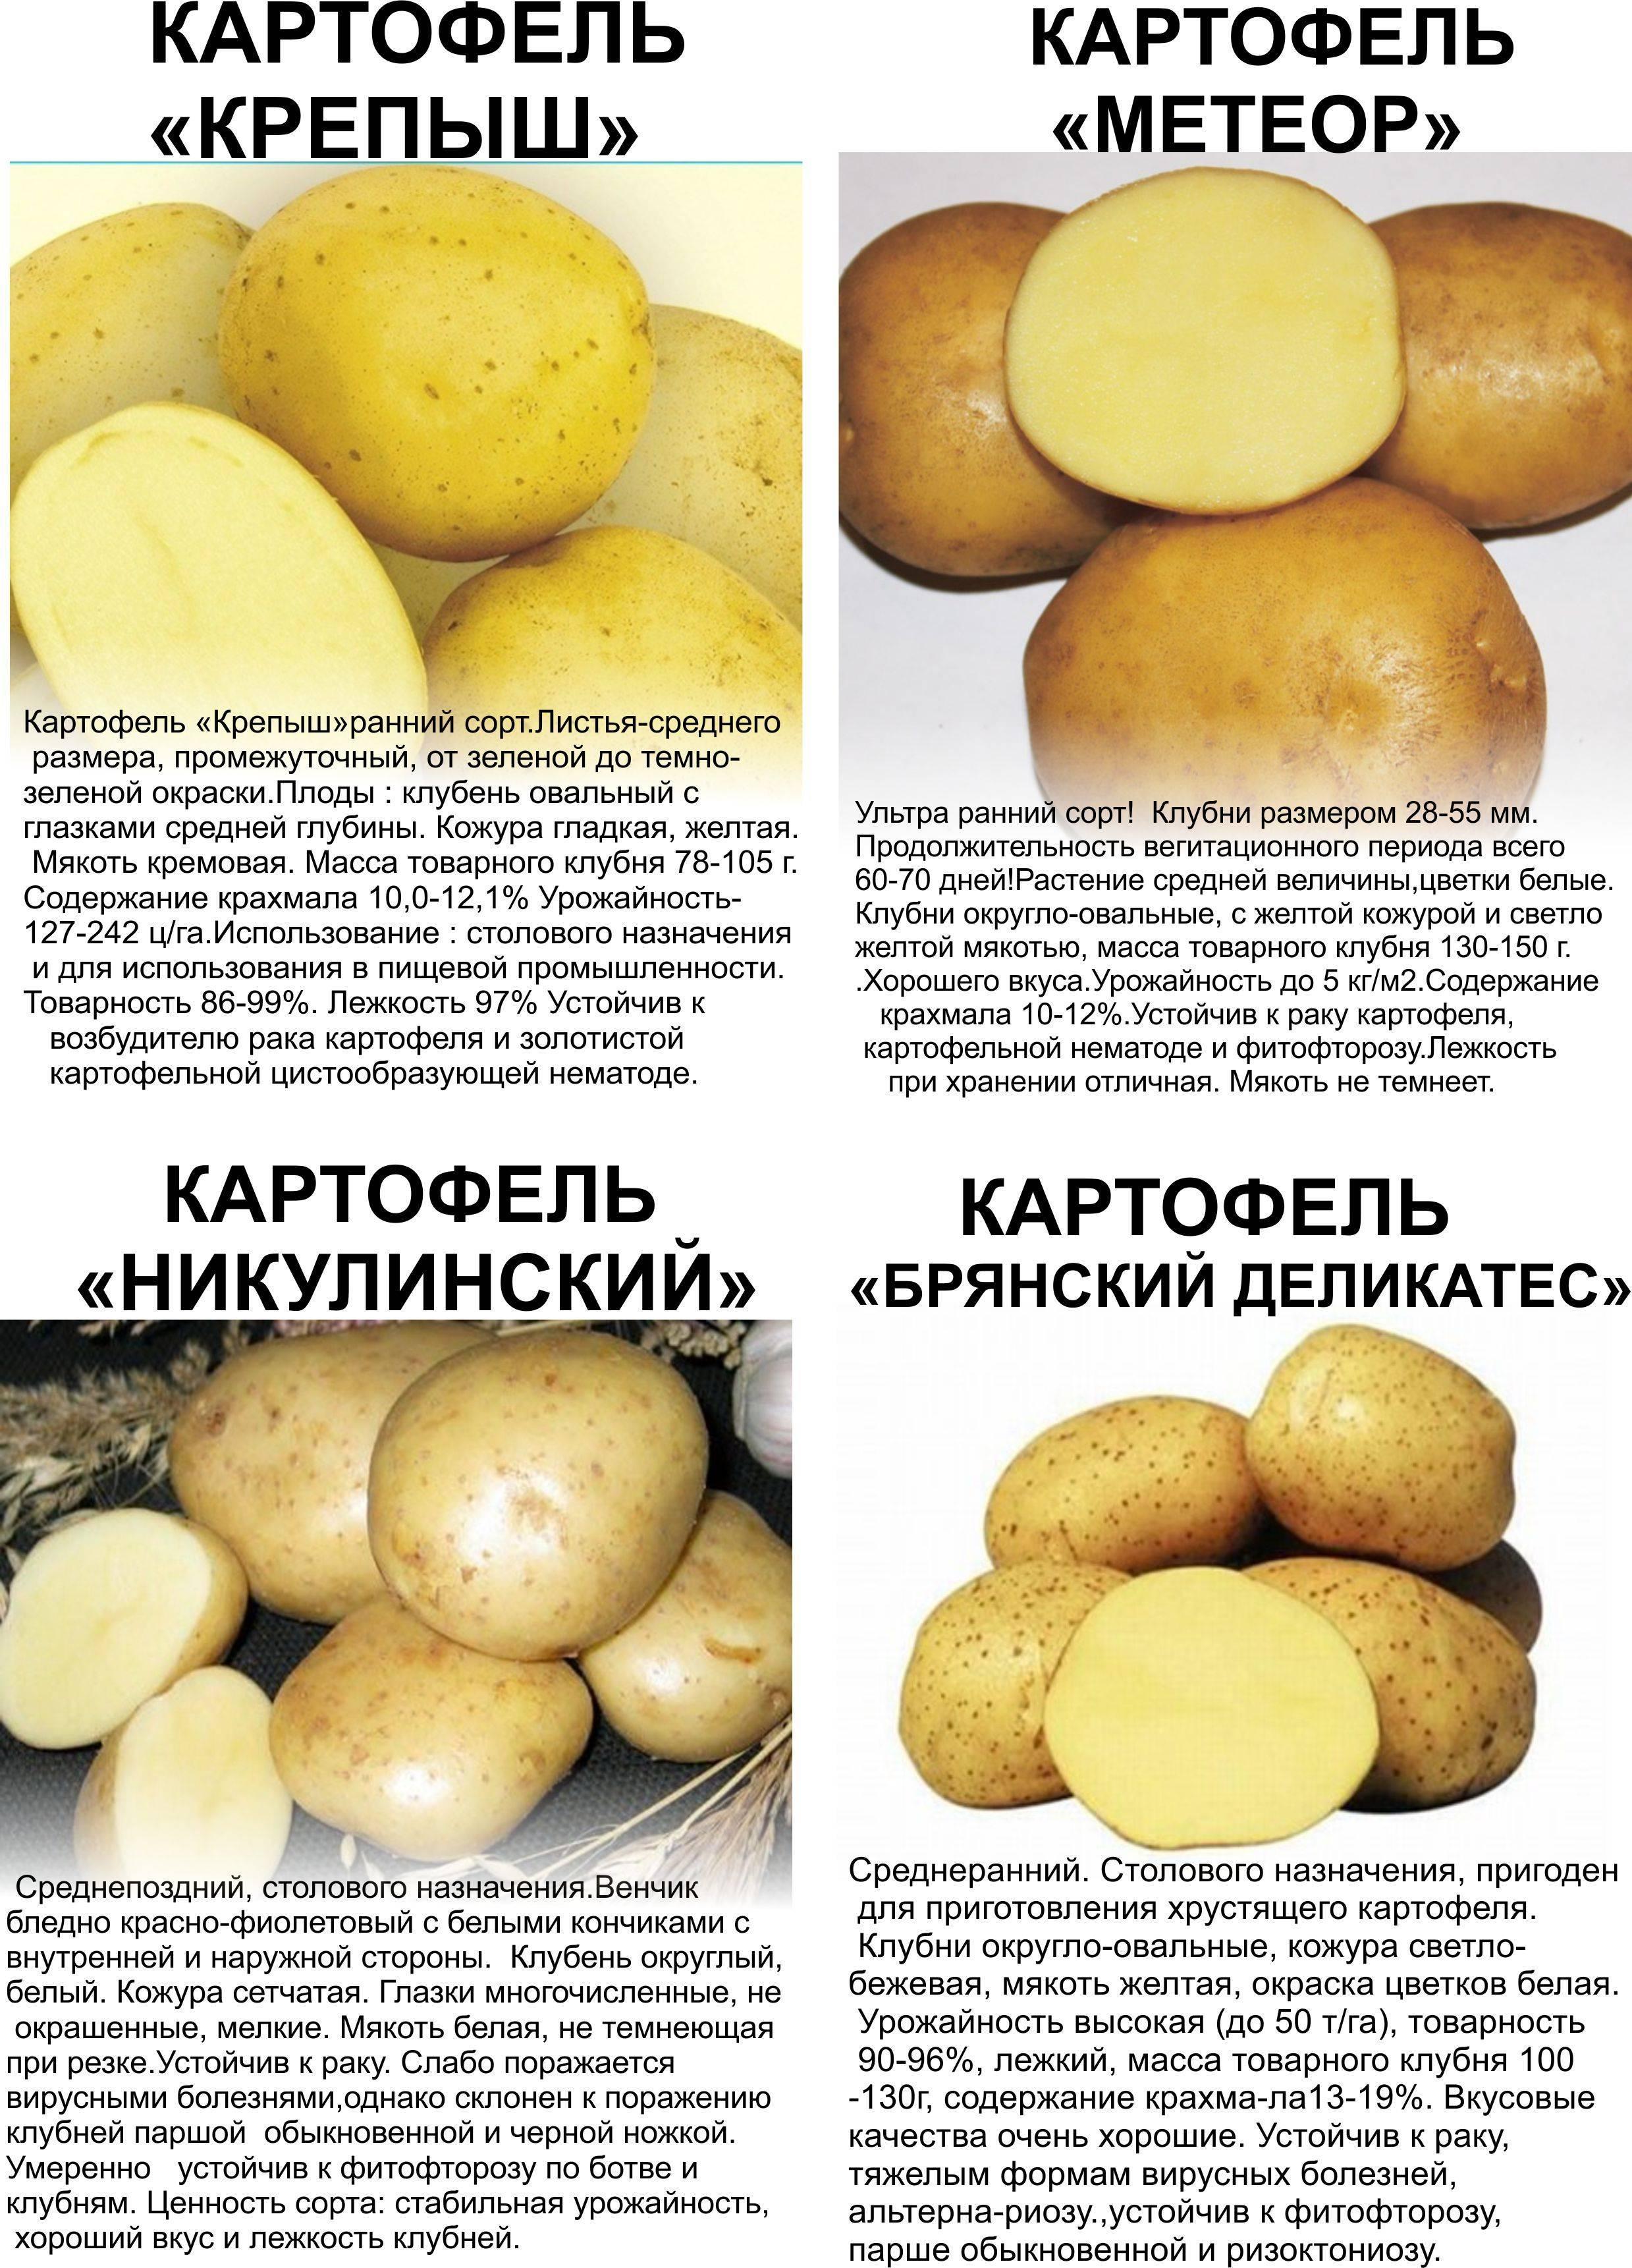 Картофель брянский деликатес: описание сорта, фото, отзывы